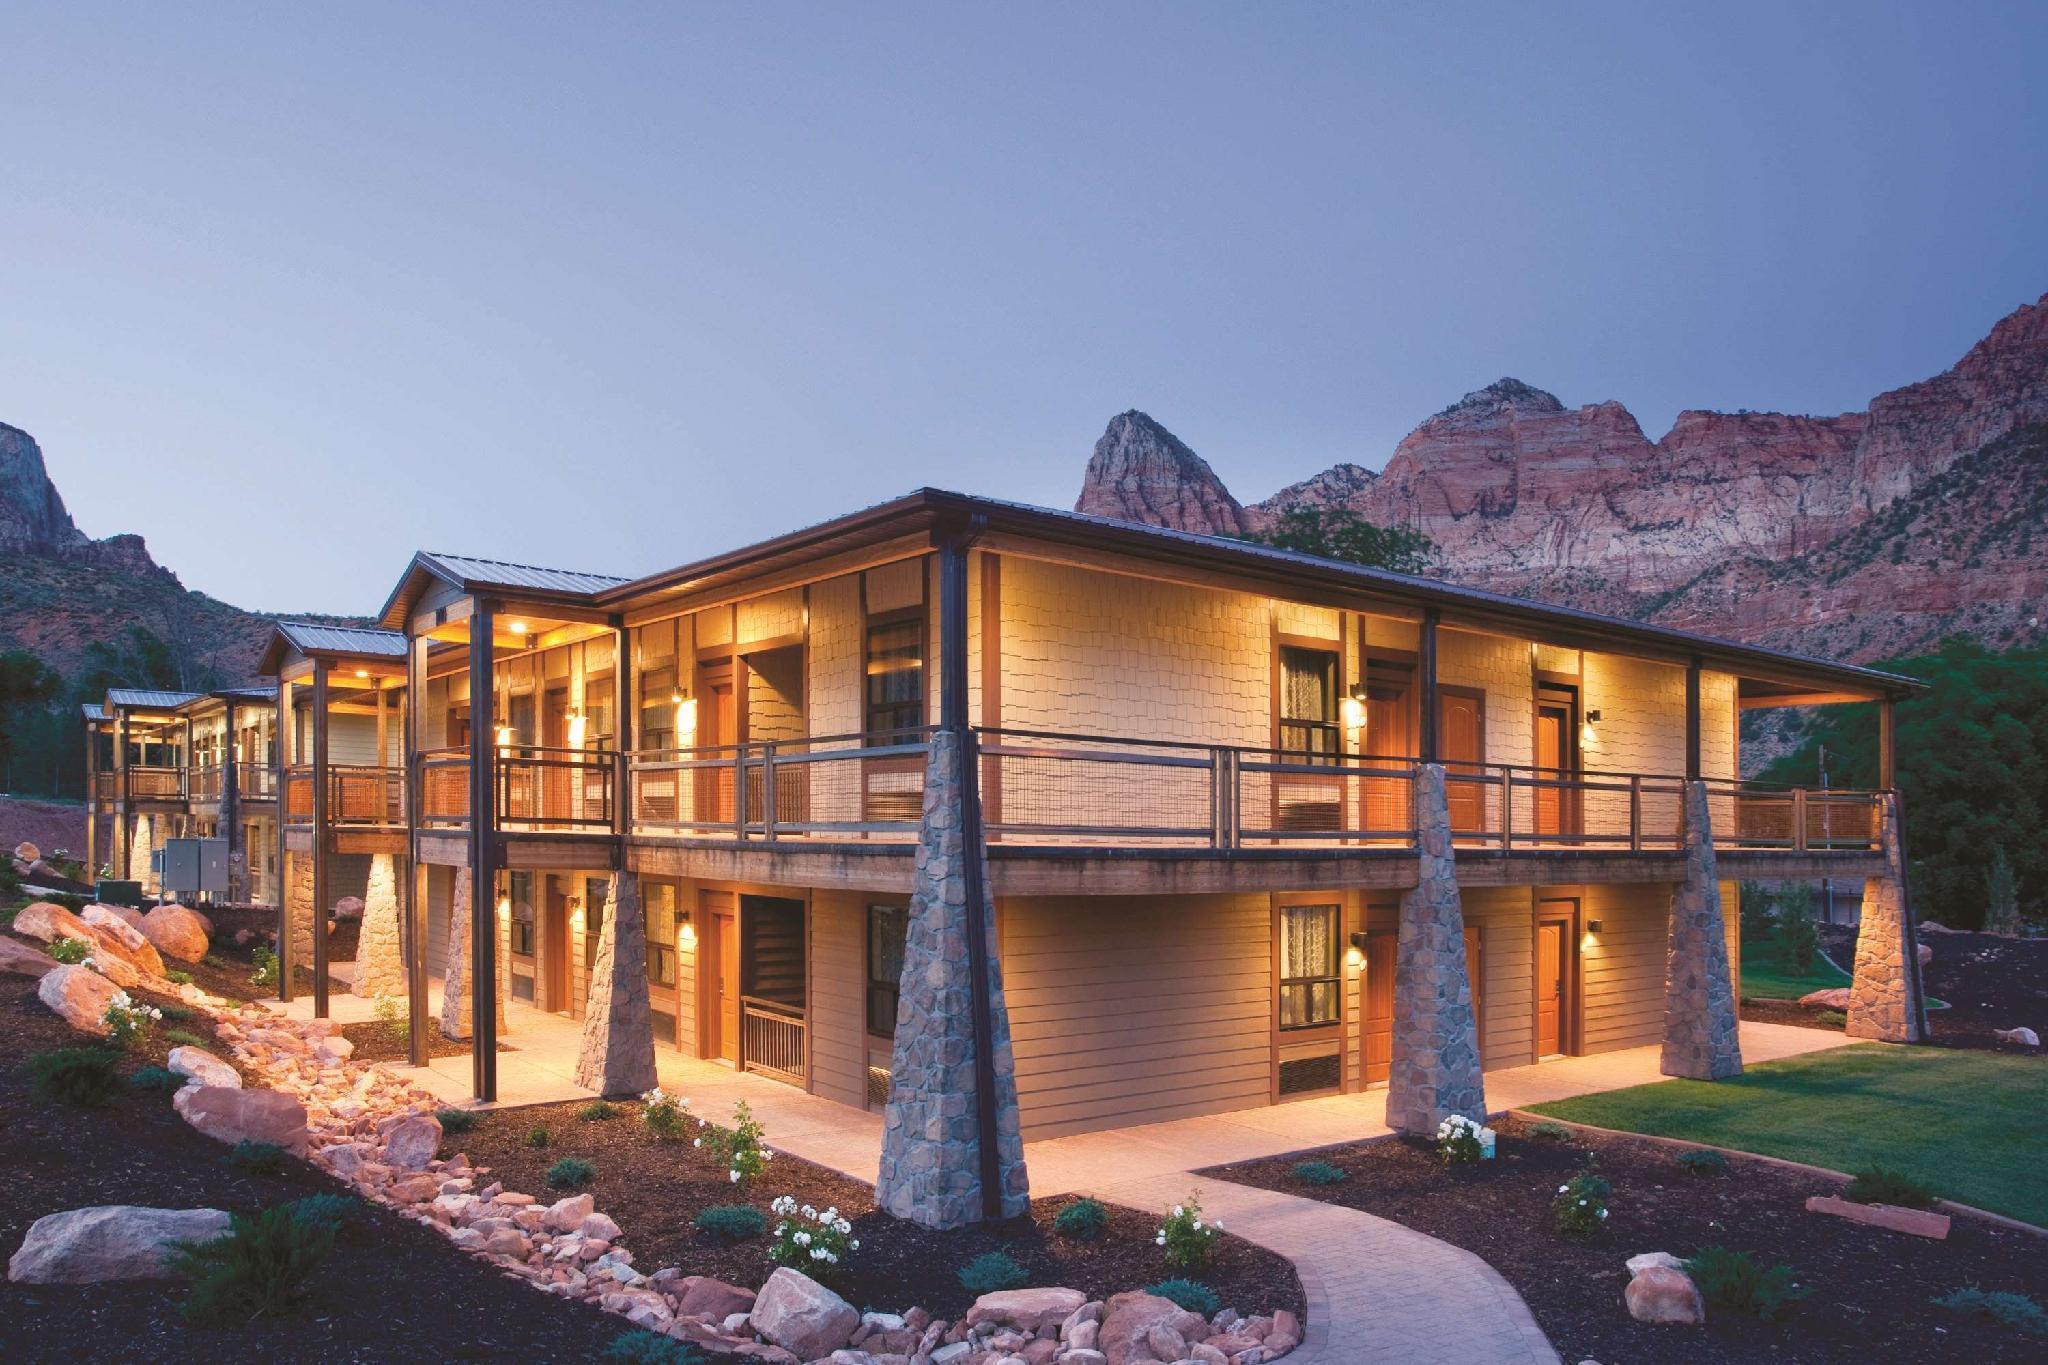 La Quinta Inn & Suites by Wyndham at Zion Park/Springdale